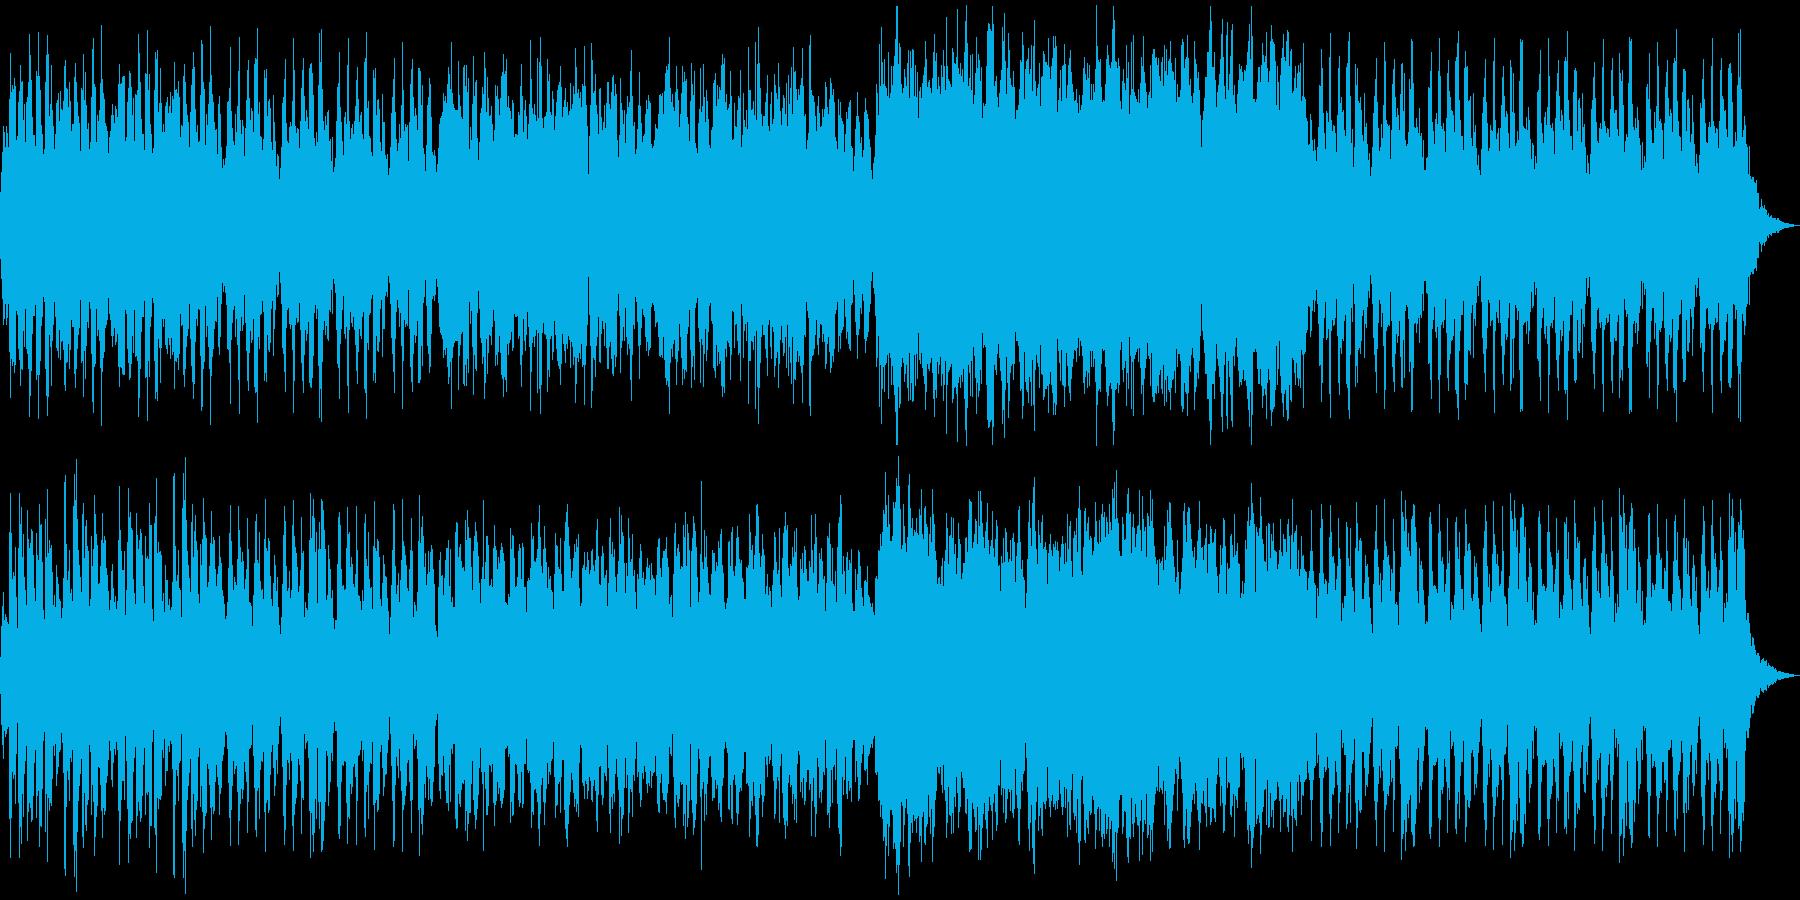 オーケストラによる怪しげなBGMの再生済みの波形